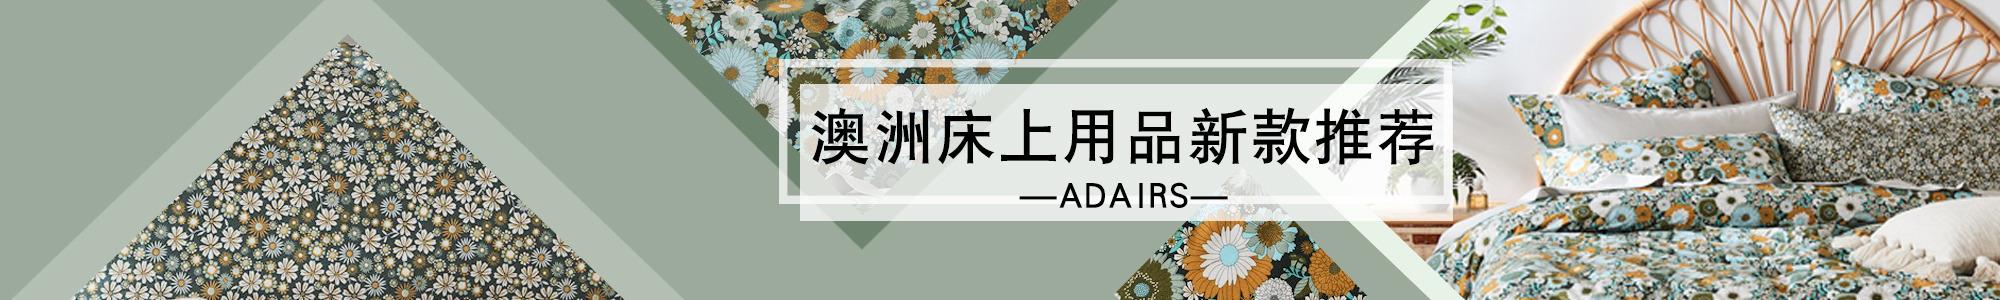 澳洲床上用品新款推荐 --Adairs